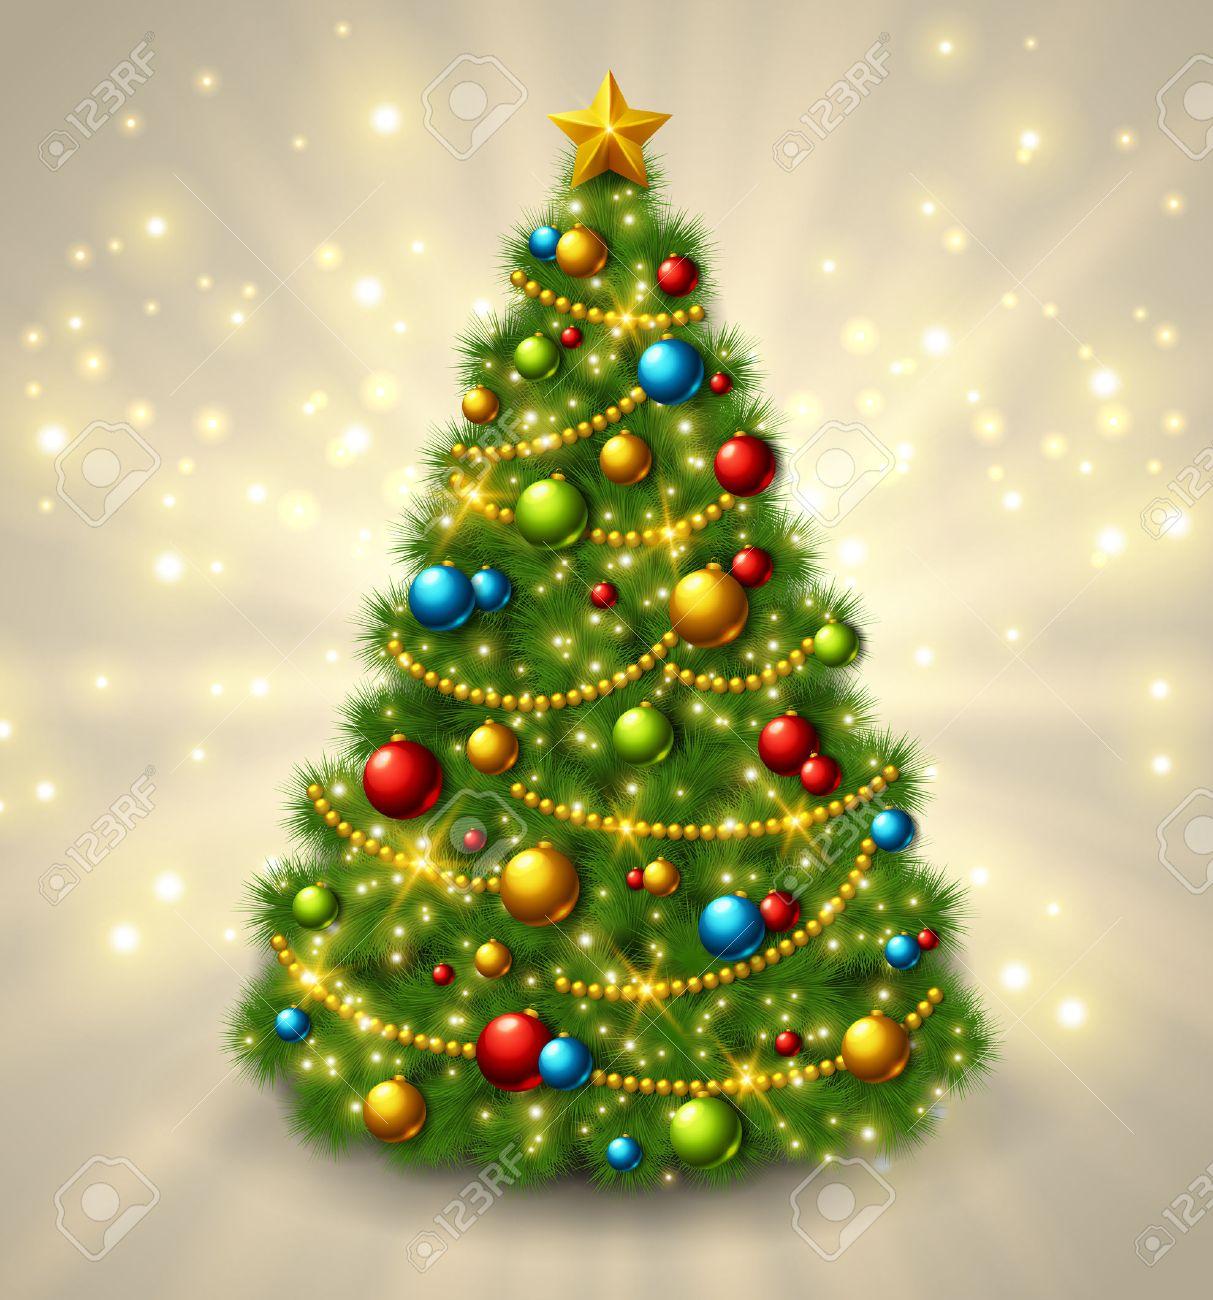 Rbol De Navidad Con Adornos De Colores Y Estrellas De Oro En La